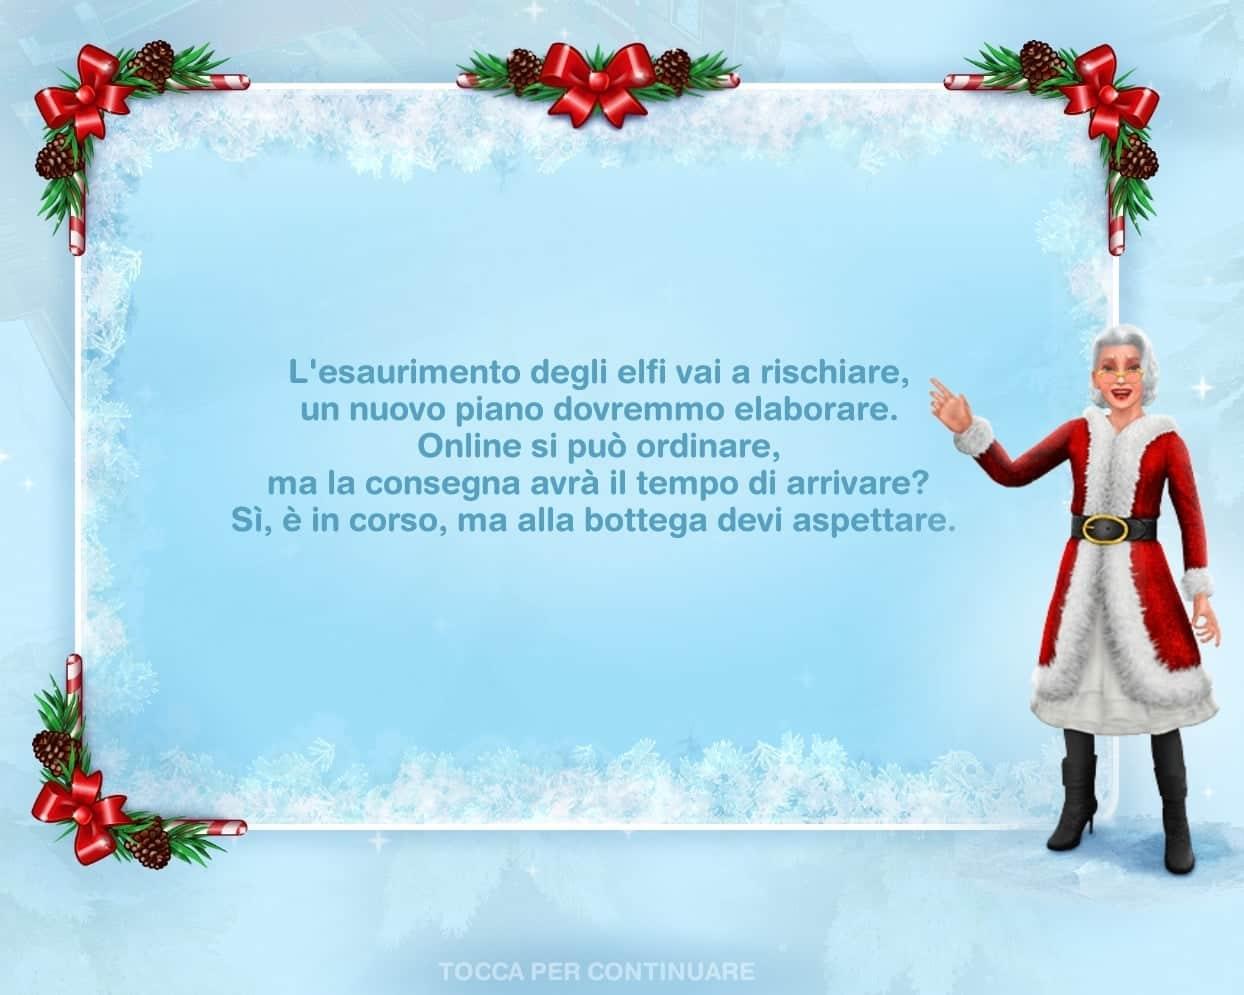 Decorazioni Natalizie The Sims 4.The Sims Freeplay It Alla Ricerca Del Natale Perduto